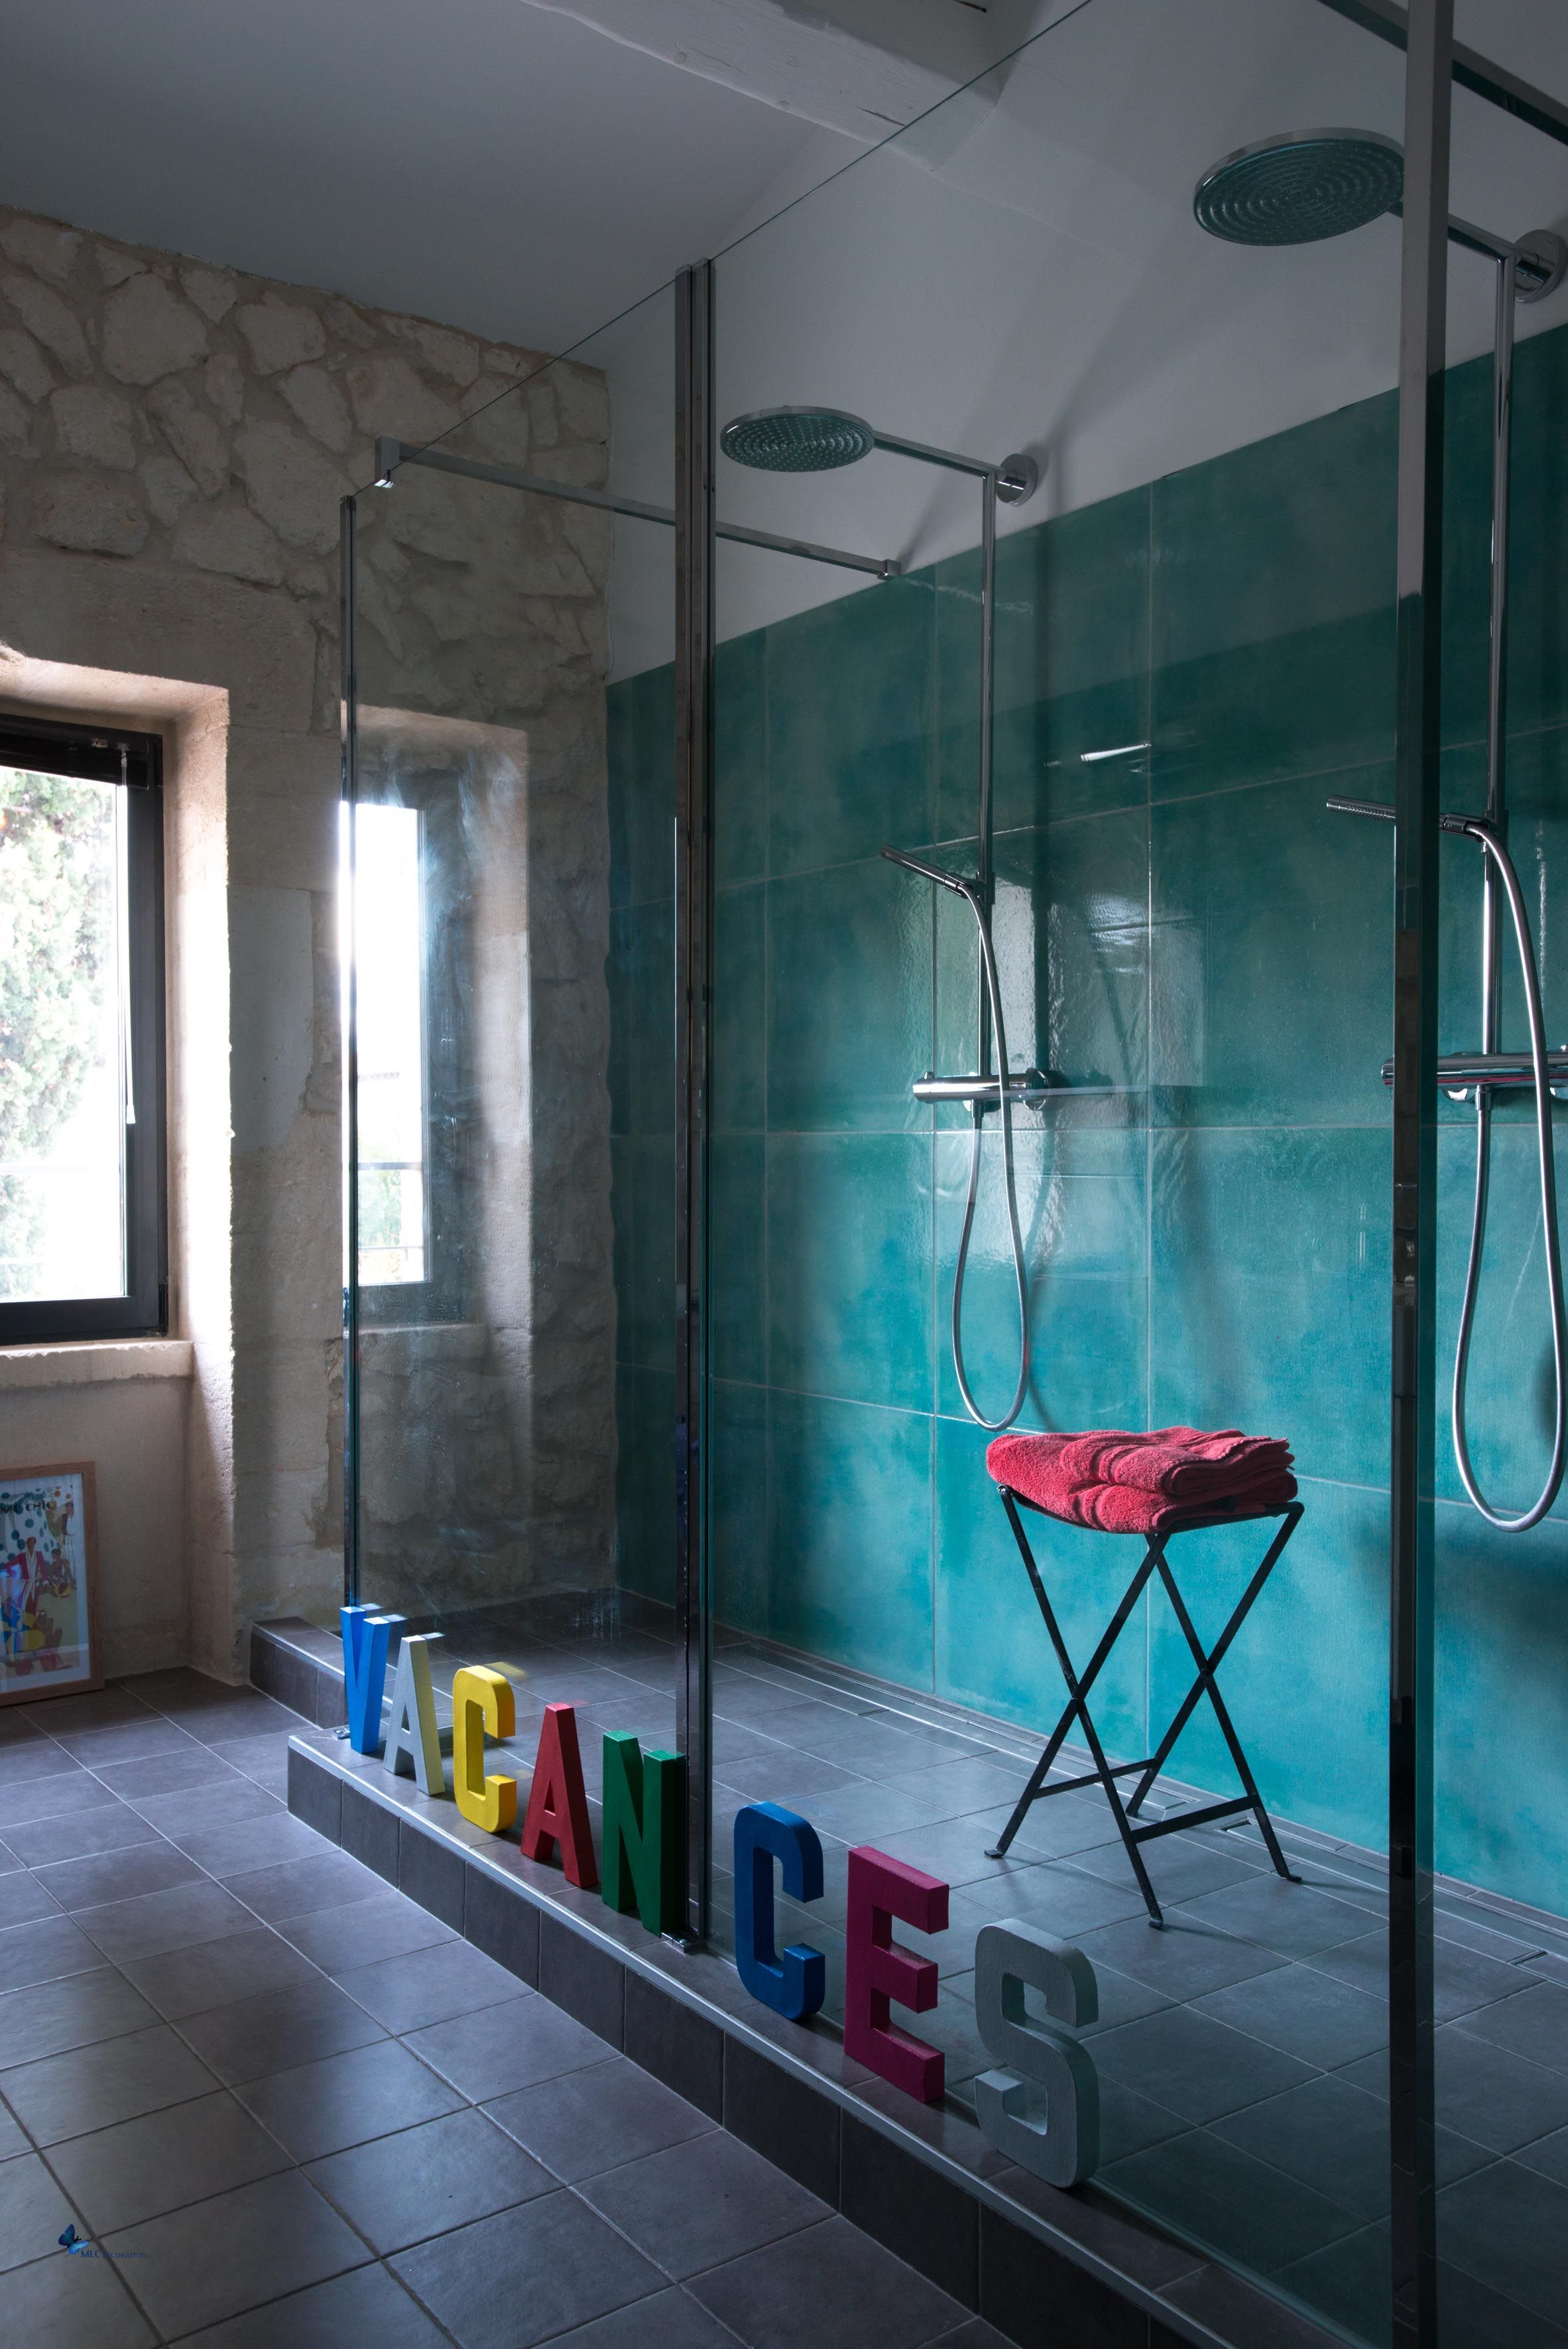 1000 images about couleur dco on pinterest - Salle De Bain Jaune Et Turquoise